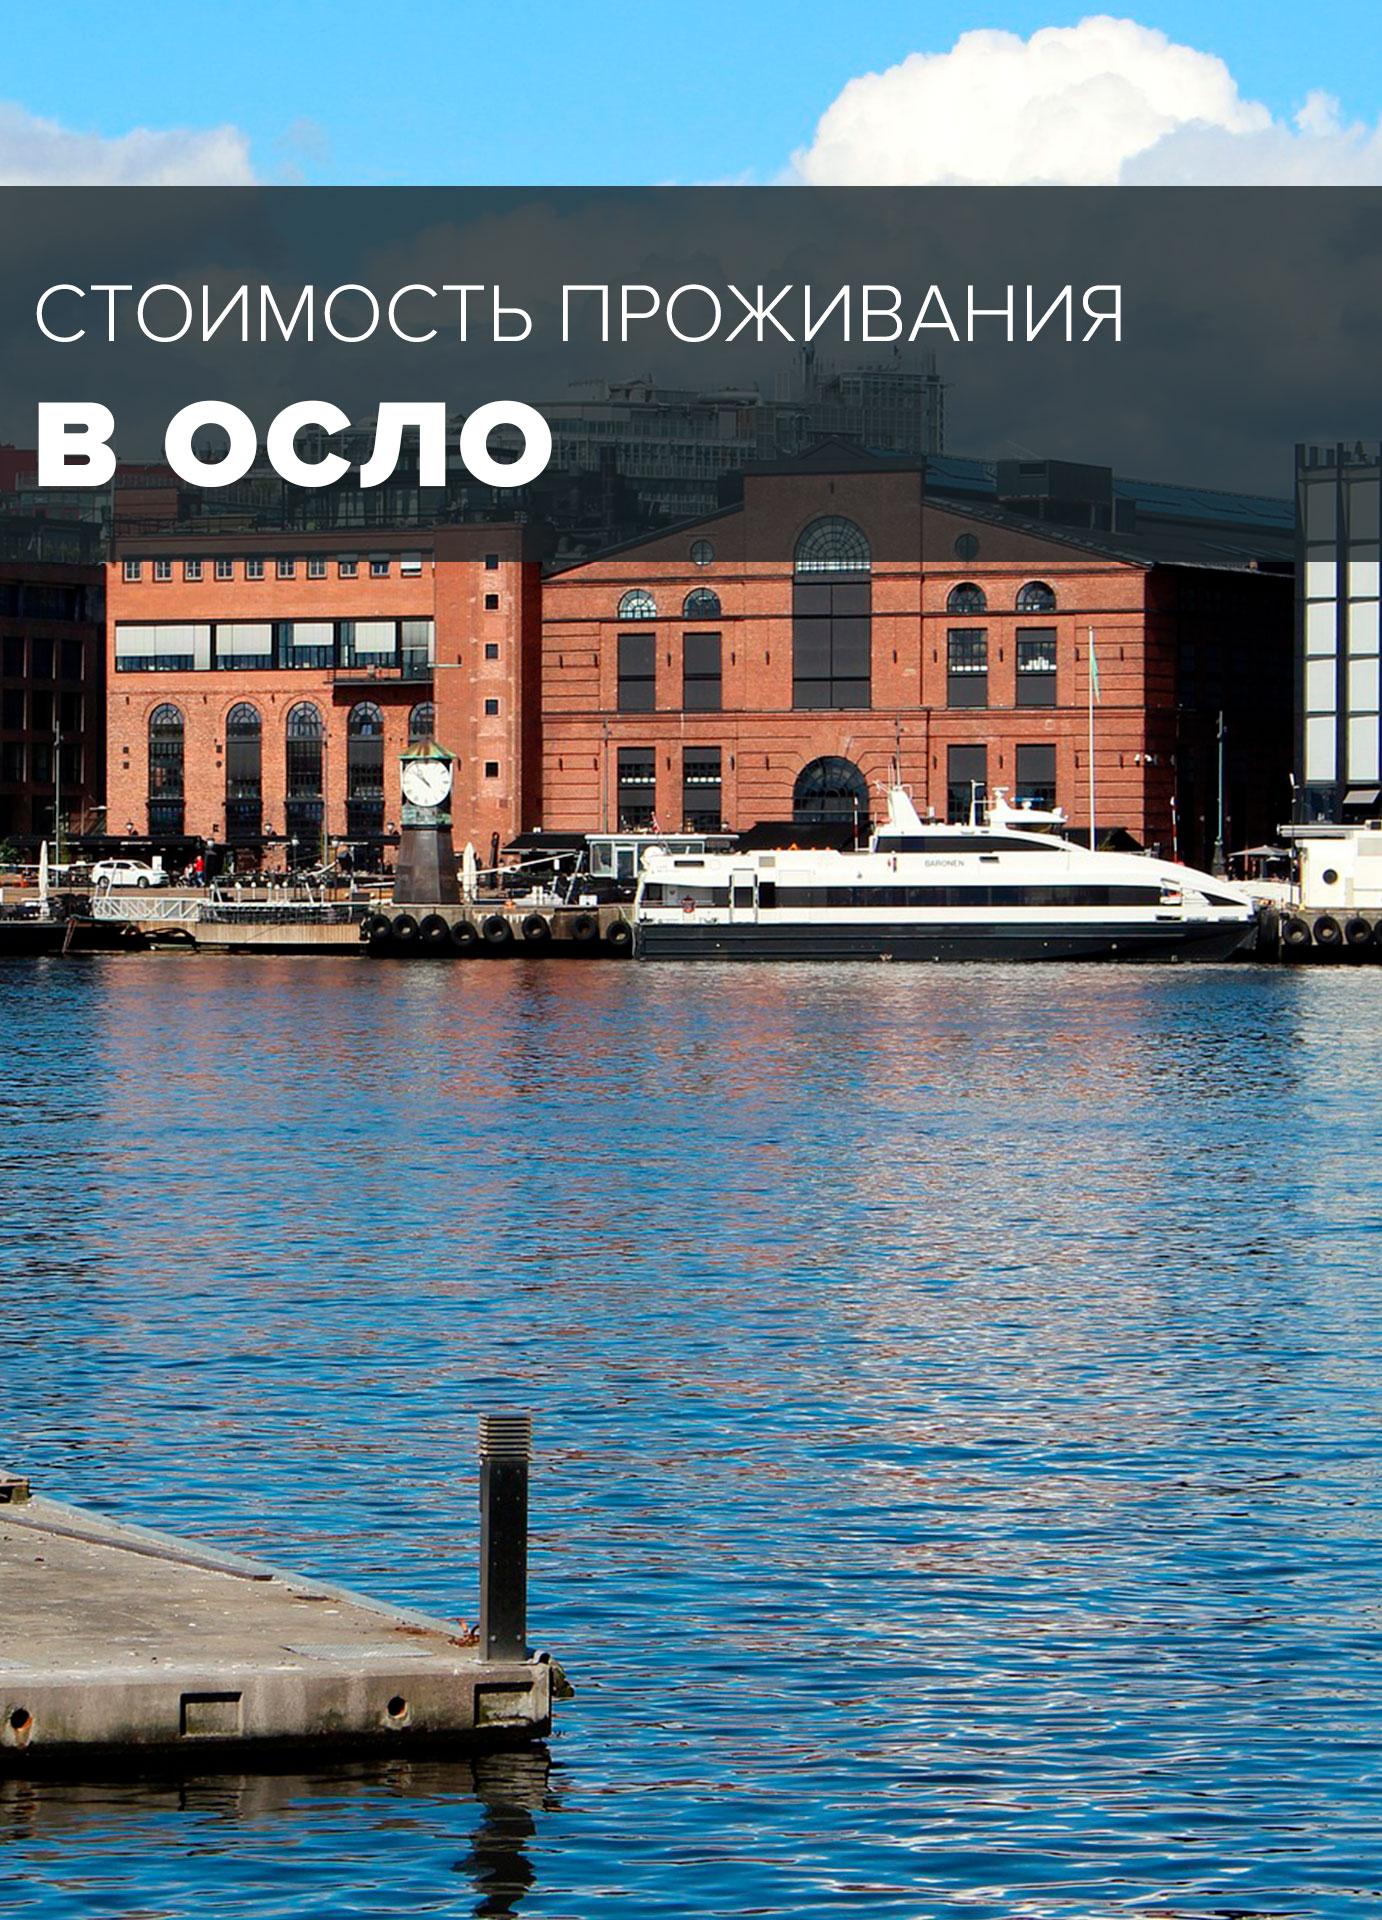 Стоимость проживания в Осло, Норвегия - аренда жилья, продукты, транспорт